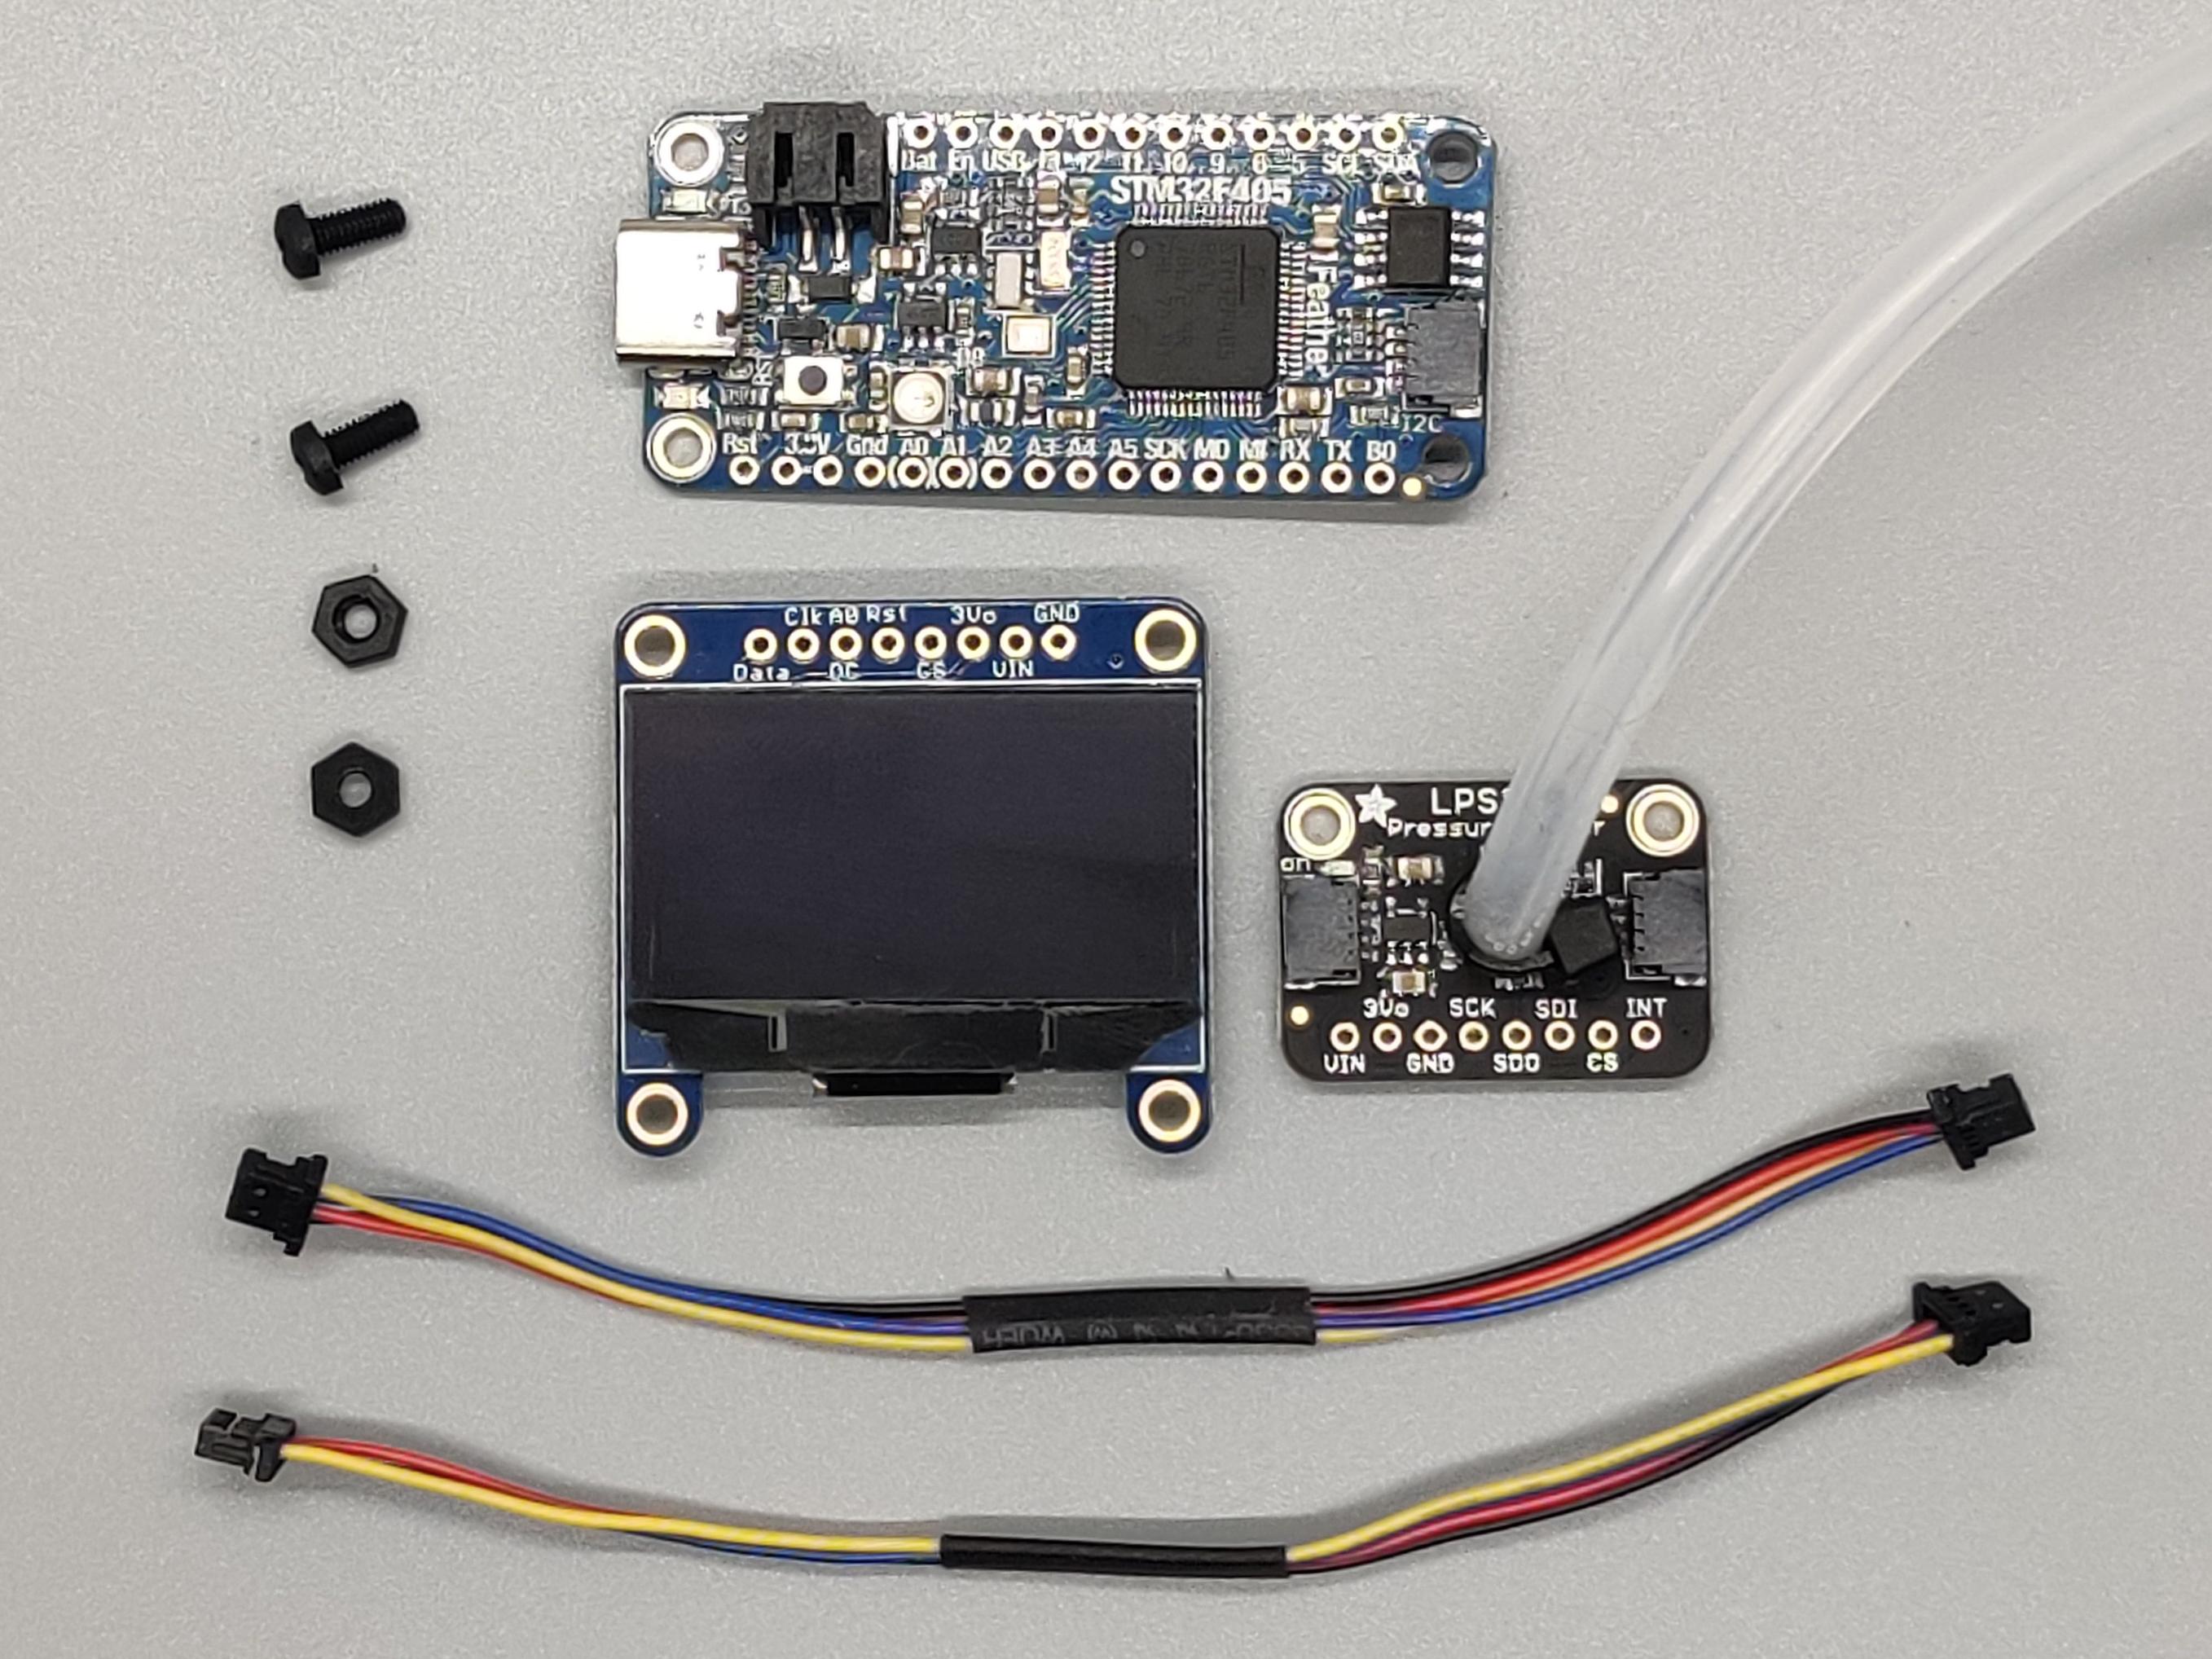 sensors_IMG_20200211_154014-3.jpg